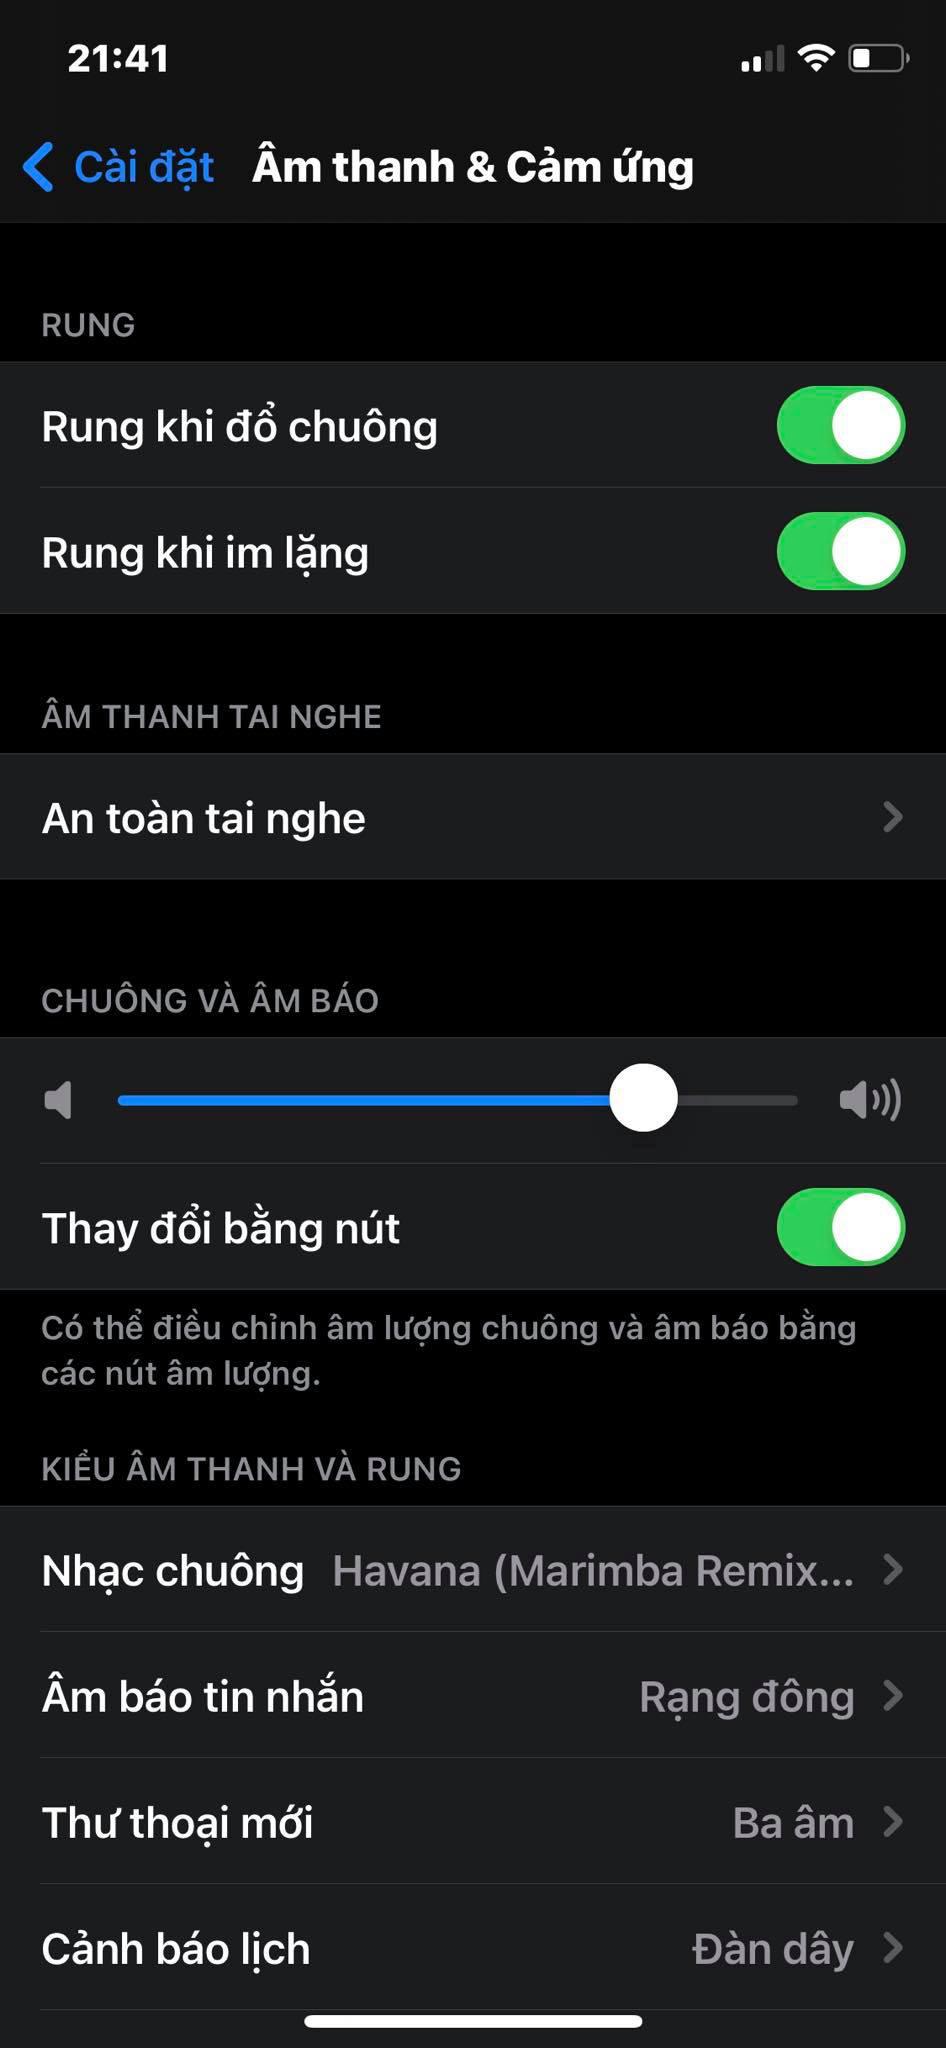 Cách bật cảnh báo tiếng ồn trên iPhone, tránh bị đau tai khi nghe nhạc quá lớn - Ảnh 2.